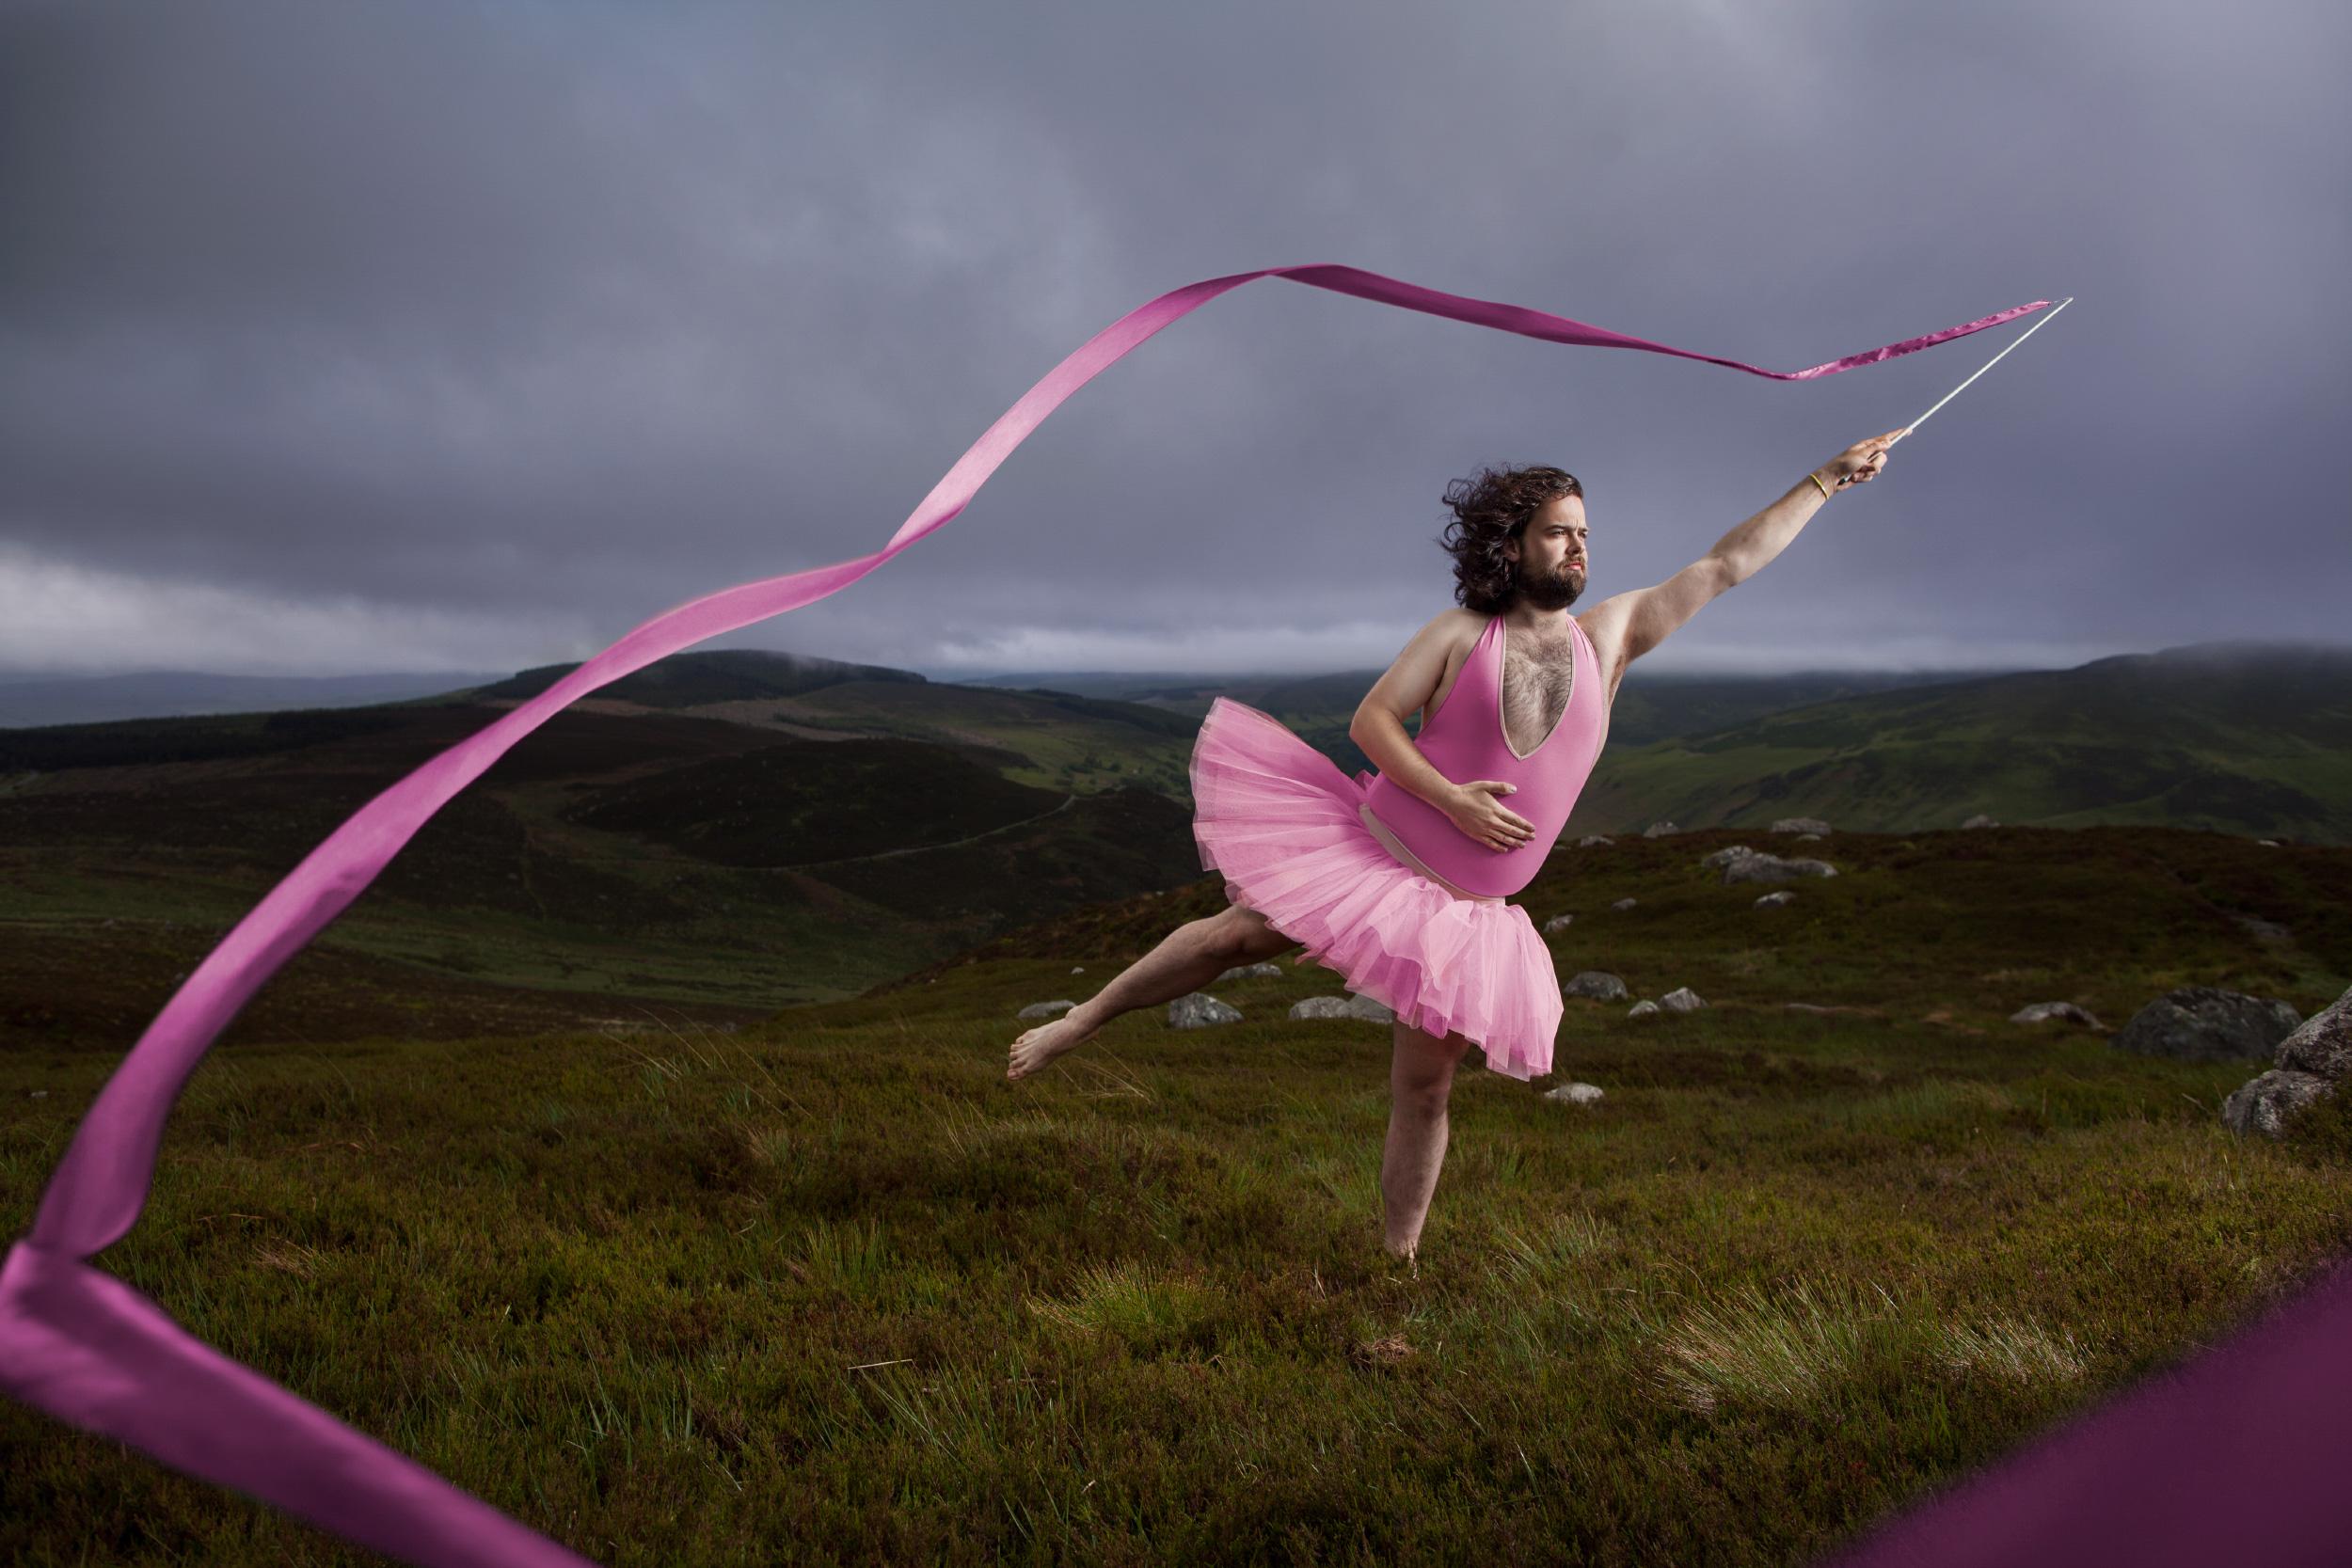 Irish Billy Elliot